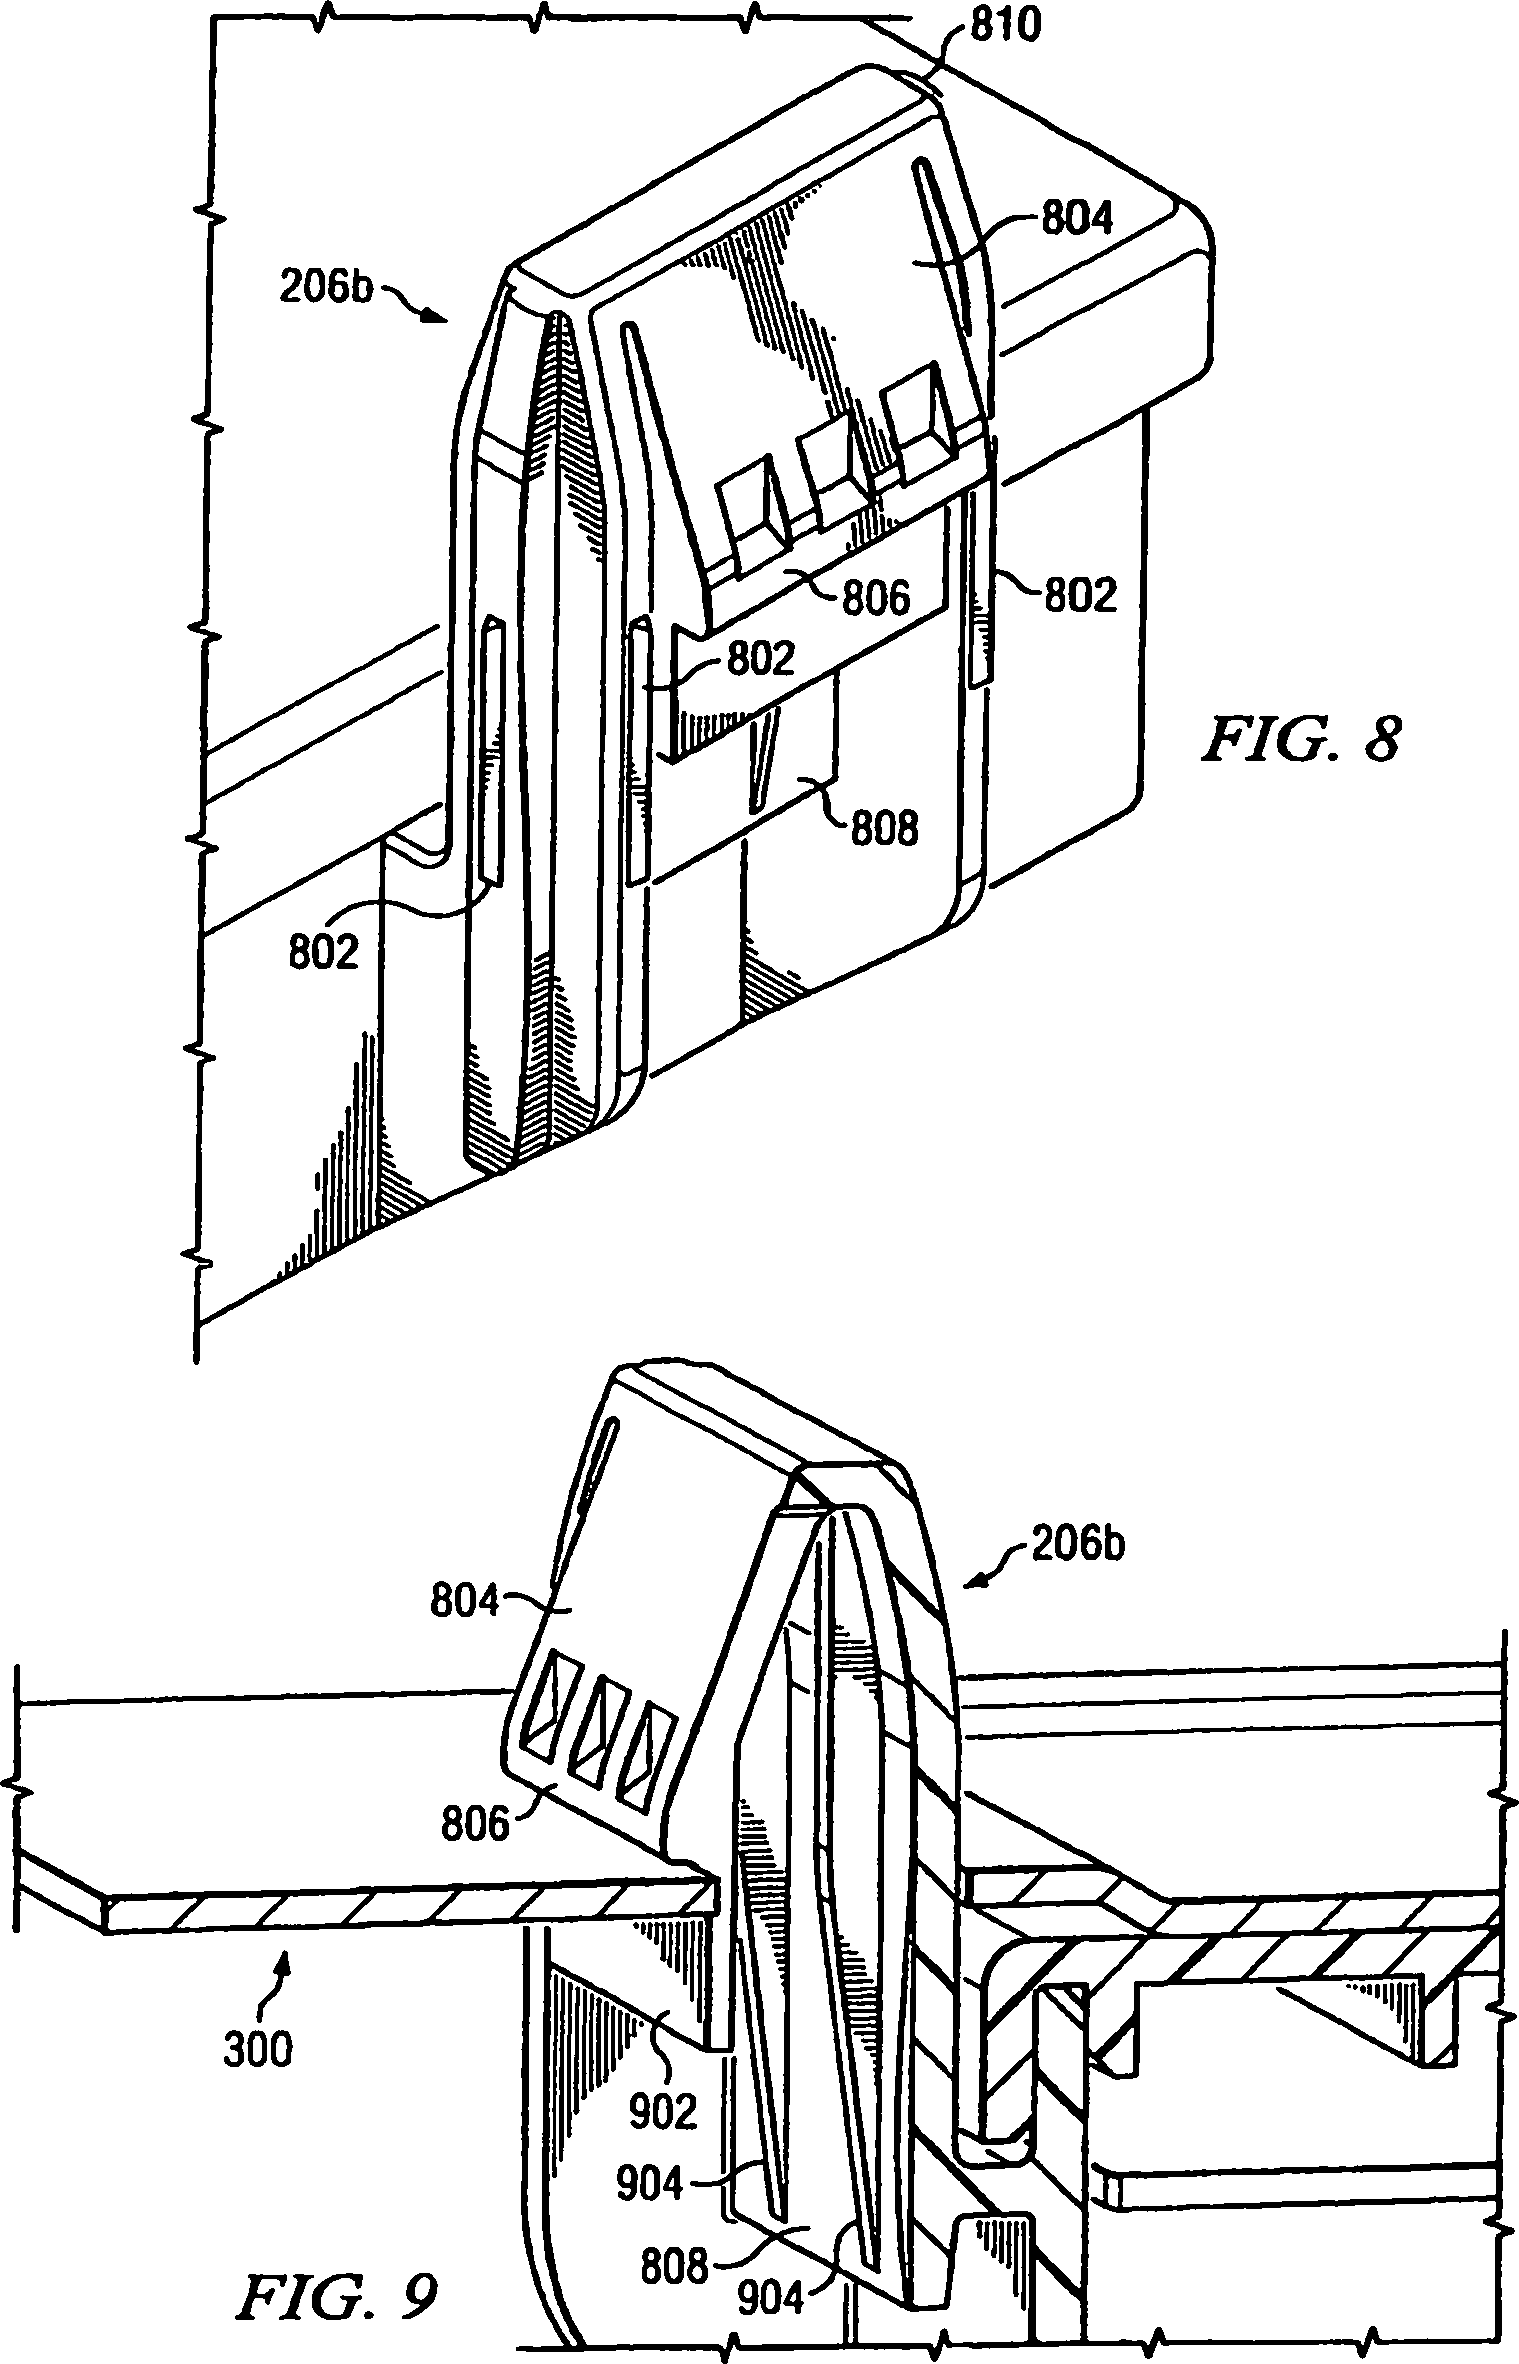 brevet de112008000903b4